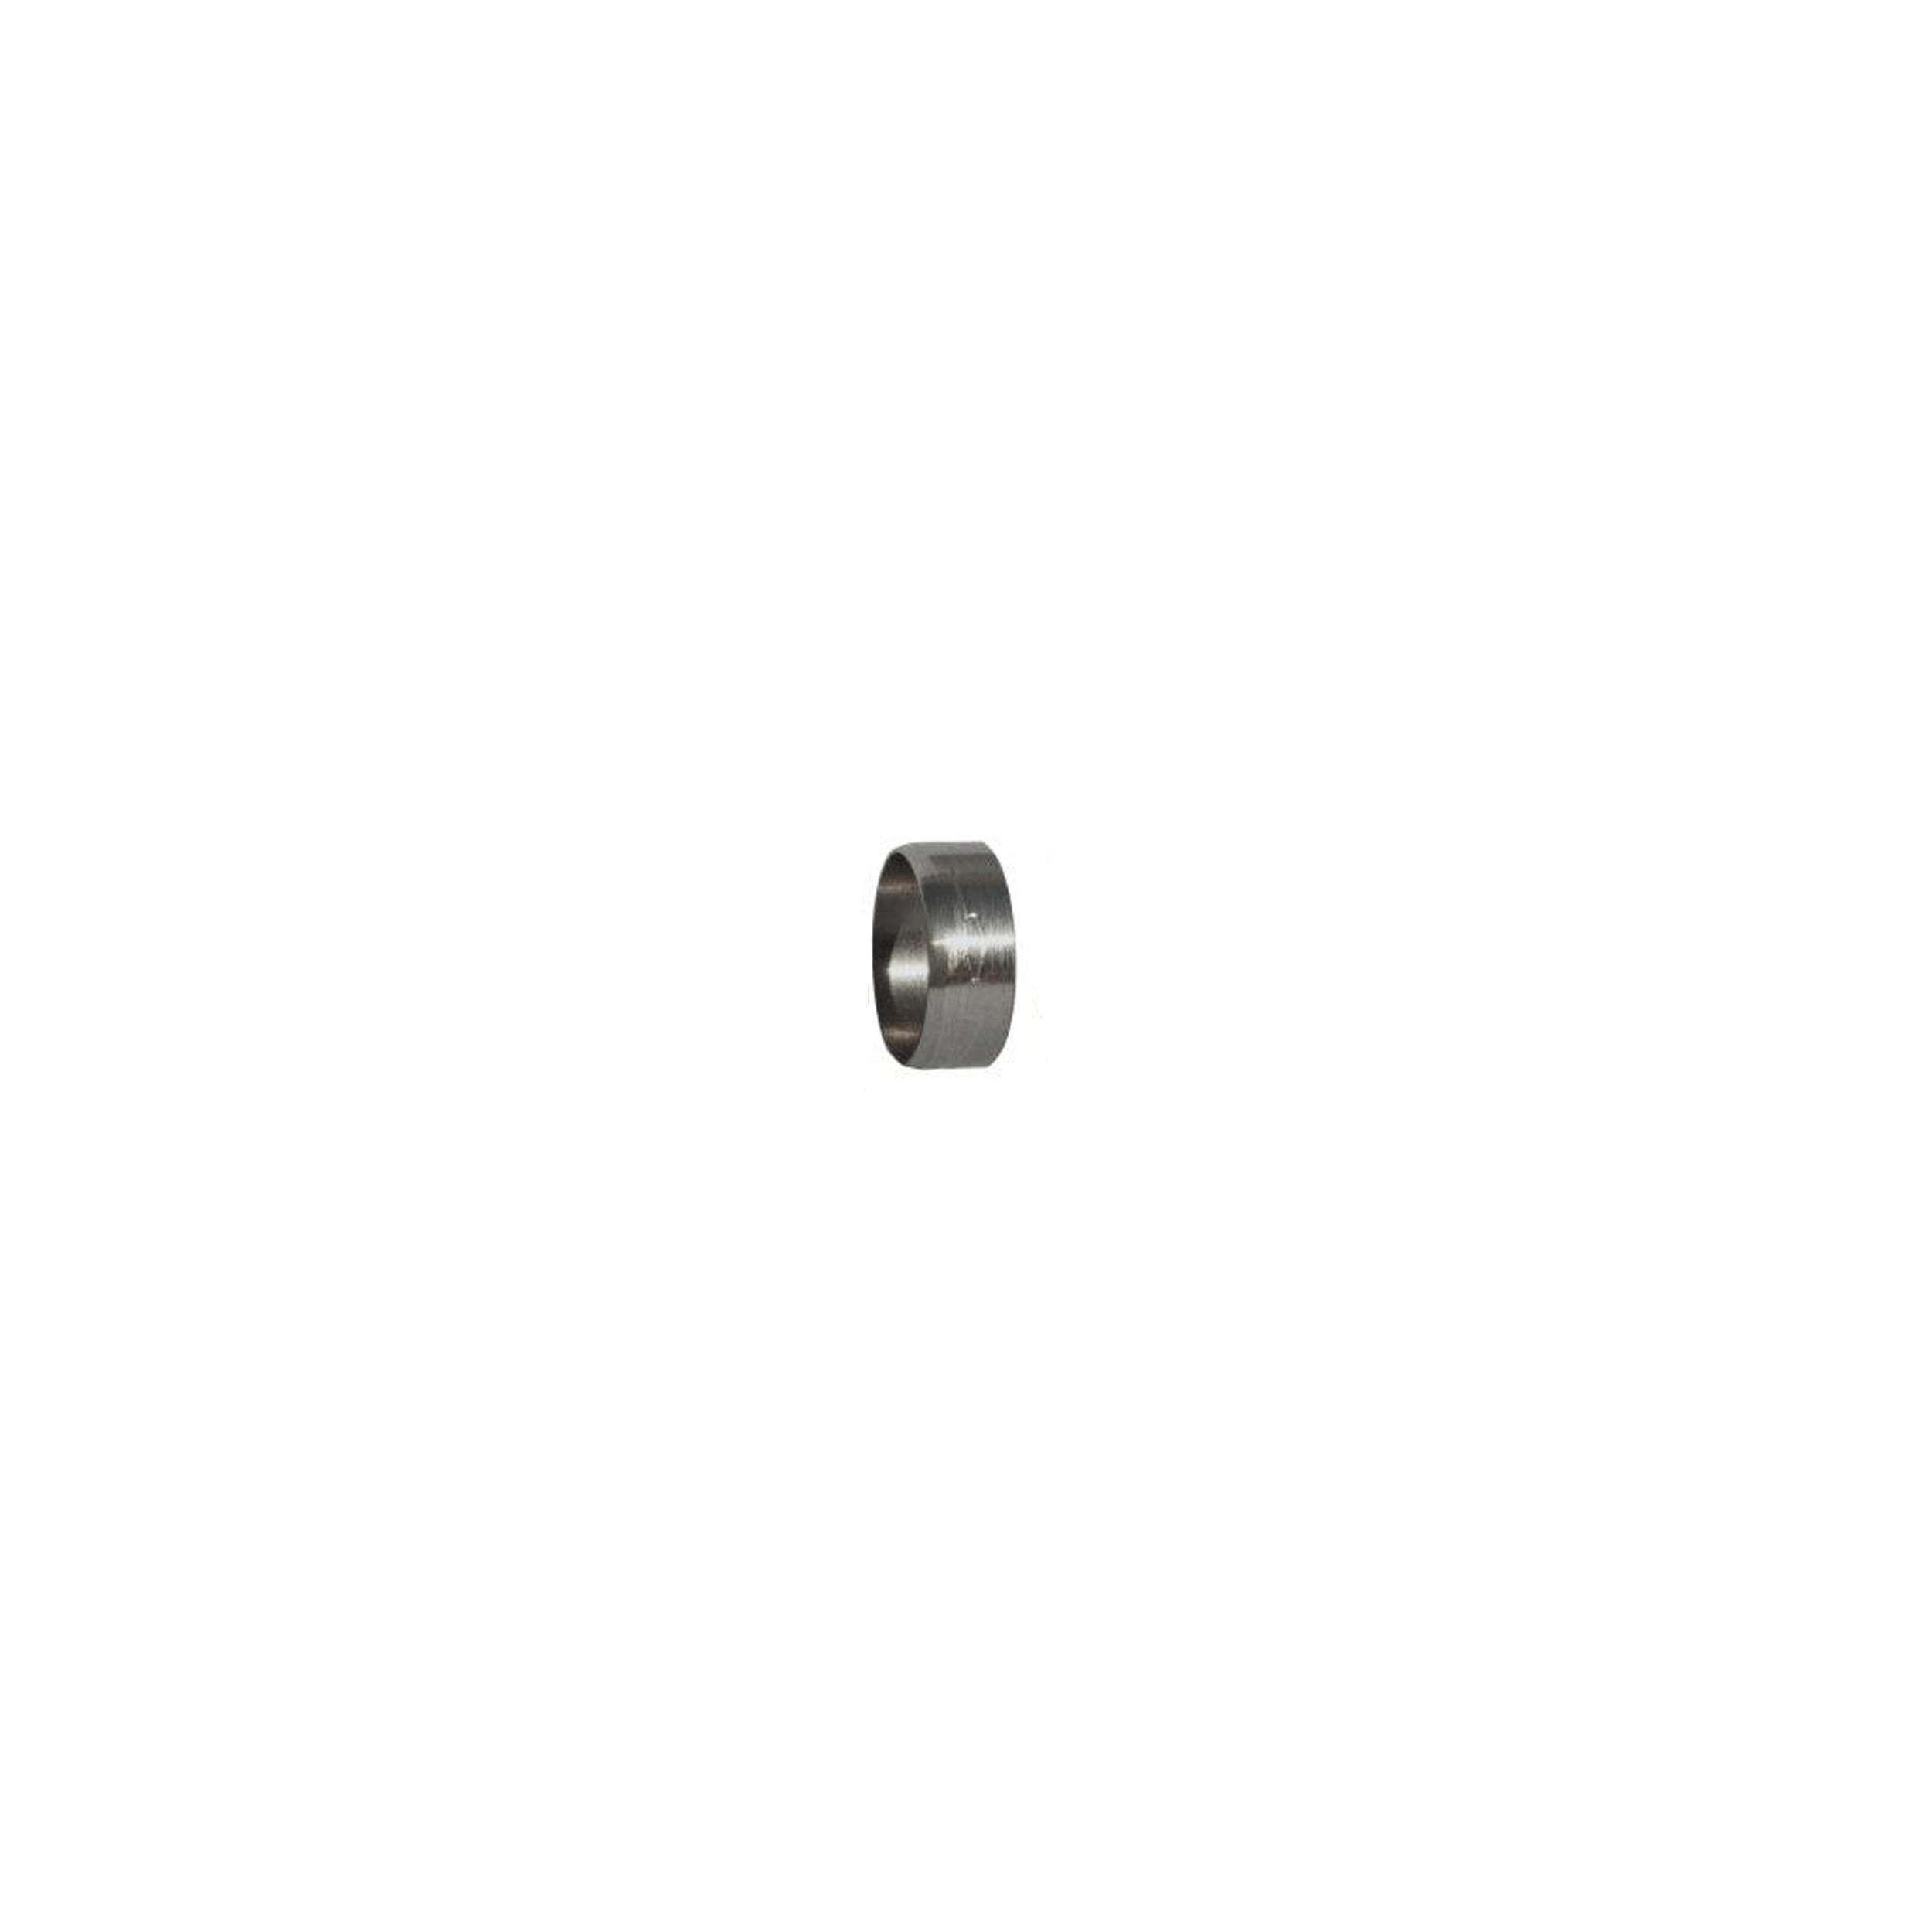 .357 Sig Adapter Ring